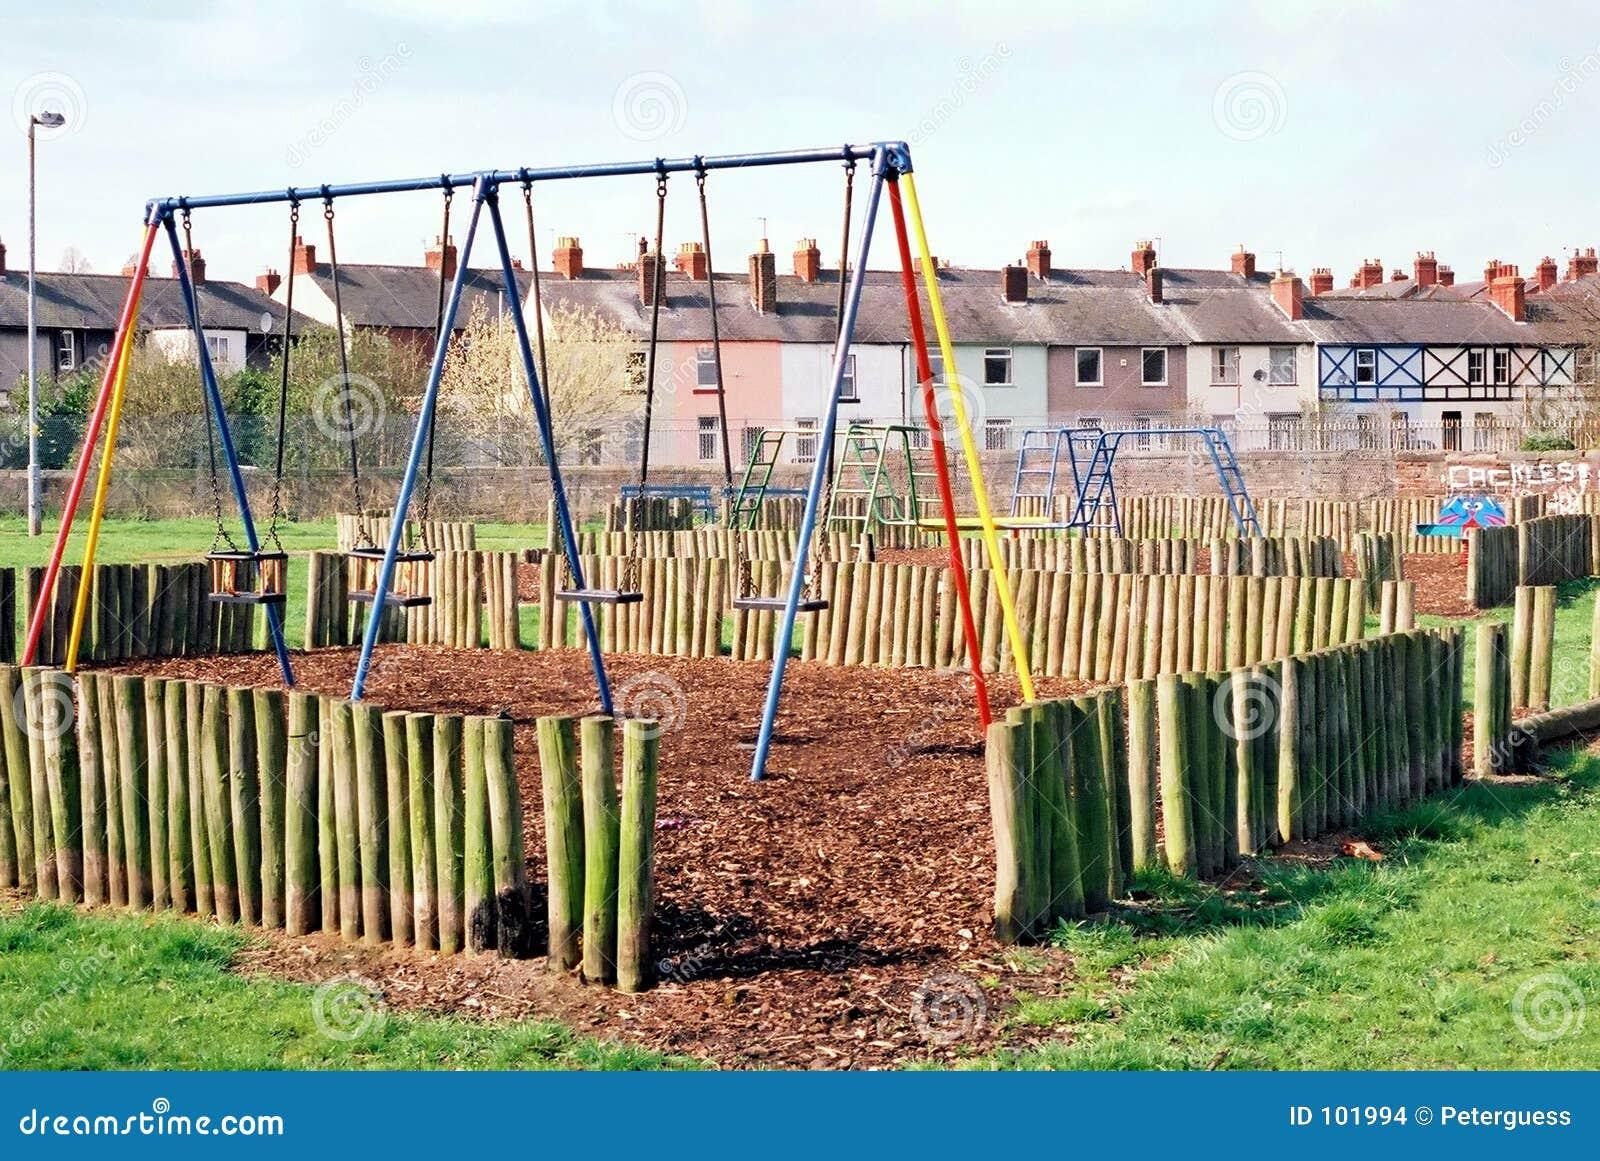 Park-Schwingen - Spielplatz der Kinder